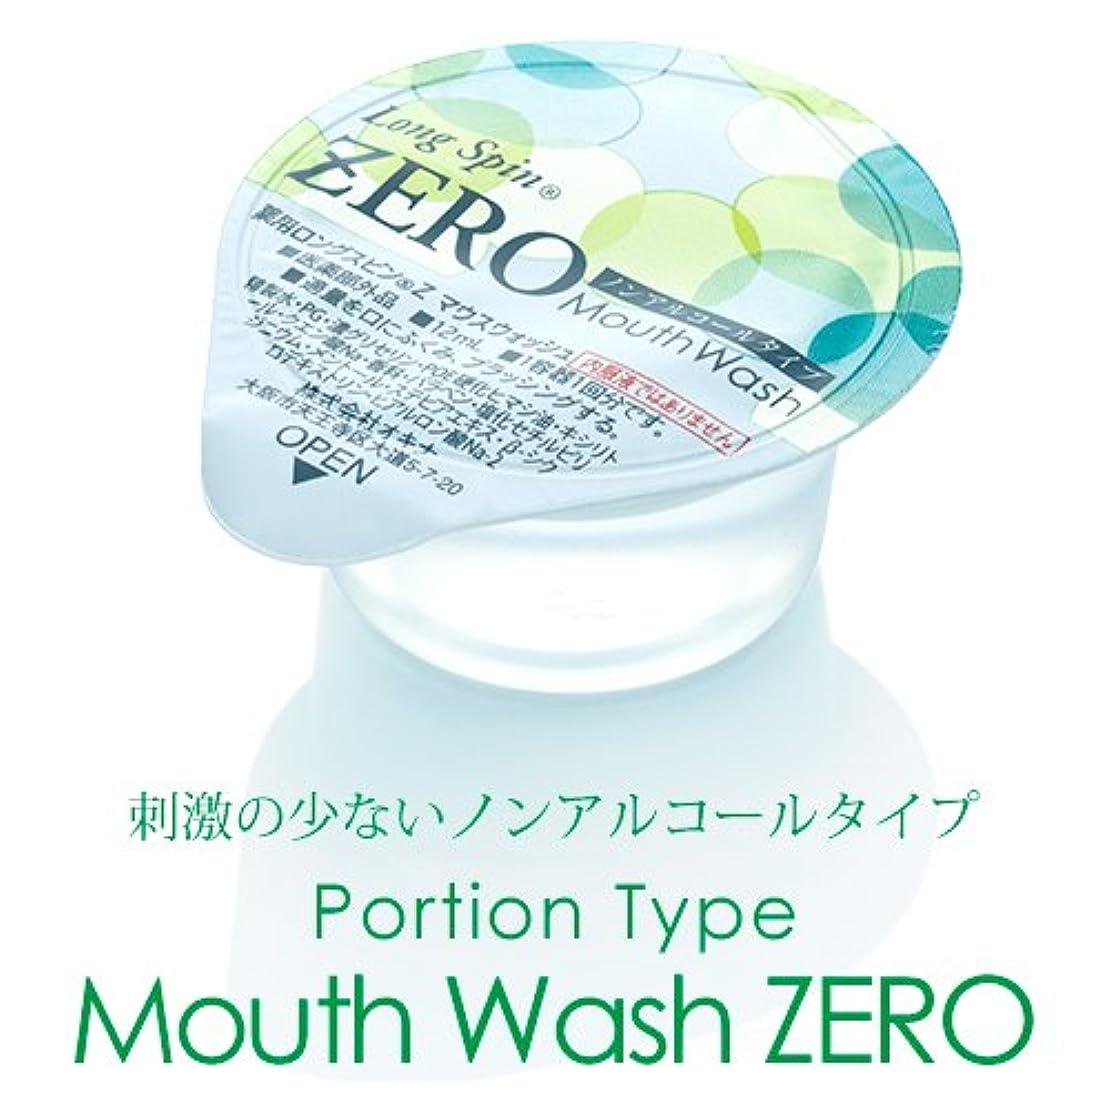 ポーン成功後方薬用マウスウォッシュ Long Spin(ロングスピン) ZERO 1箱(100個) 【医薬部外品】